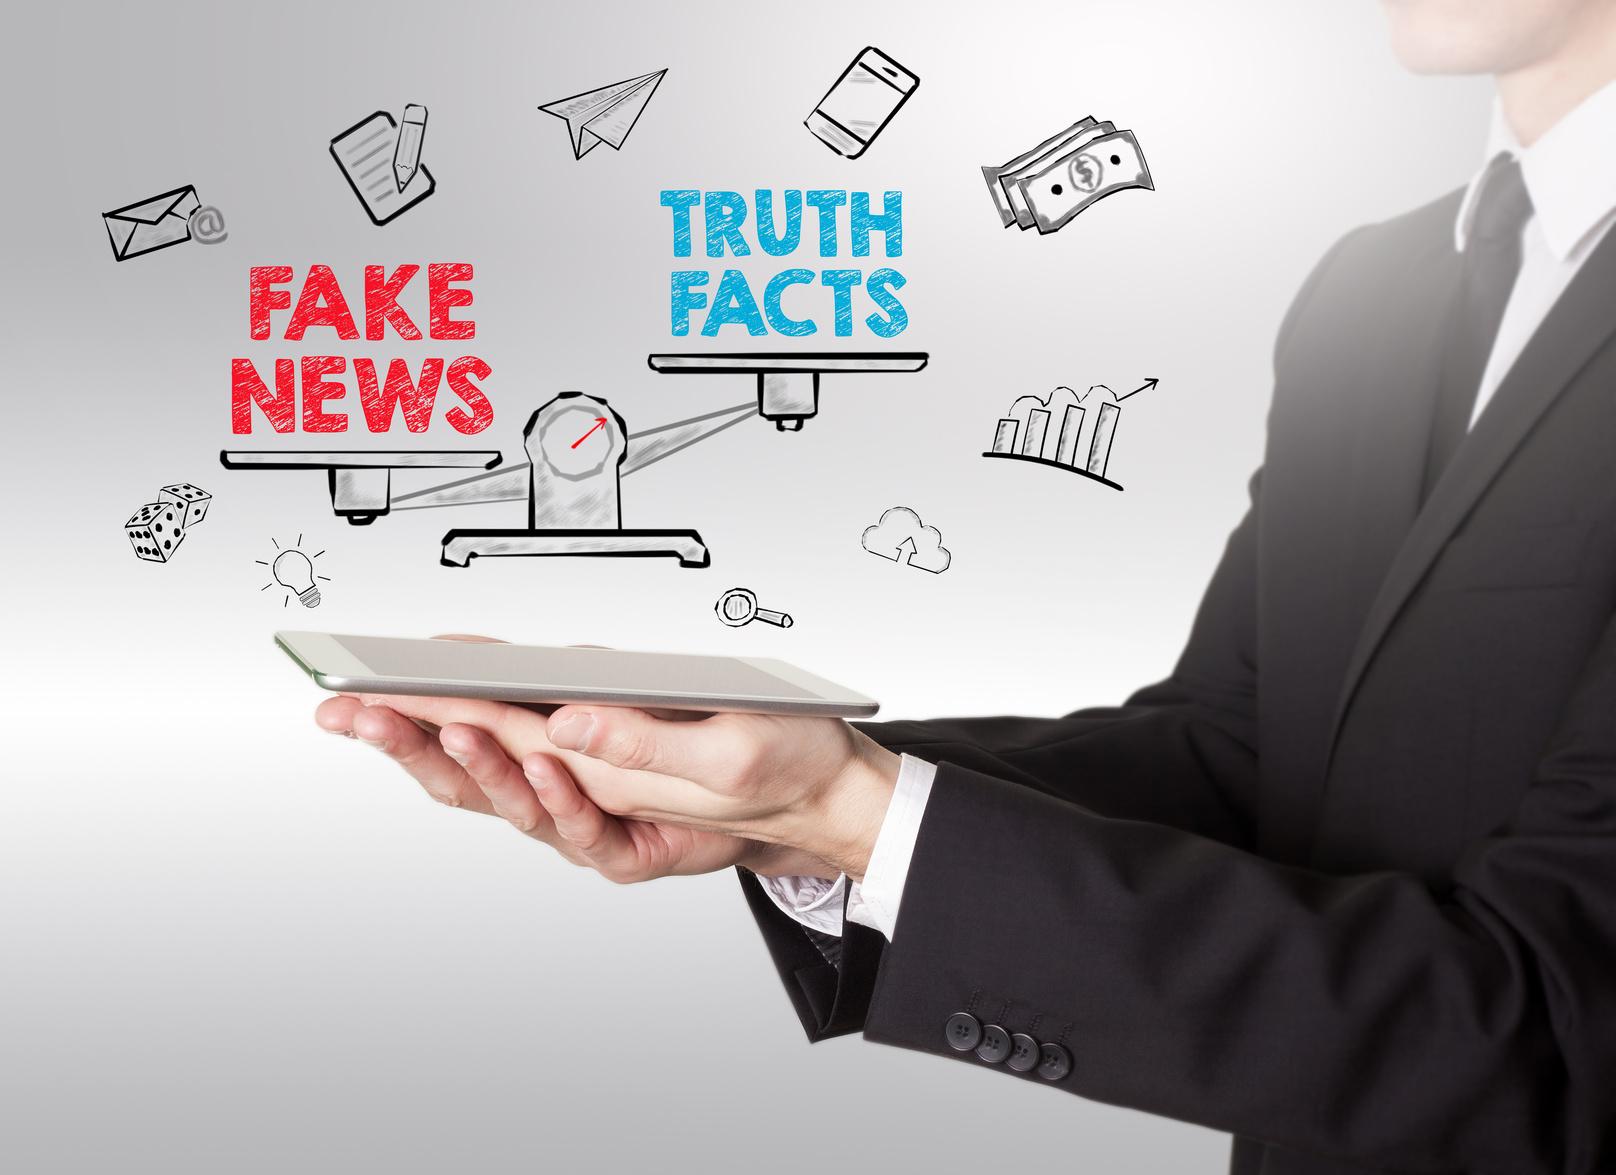 Információk hitelességének mérlegelése hagyományos könyvtári és hálózati környezetben